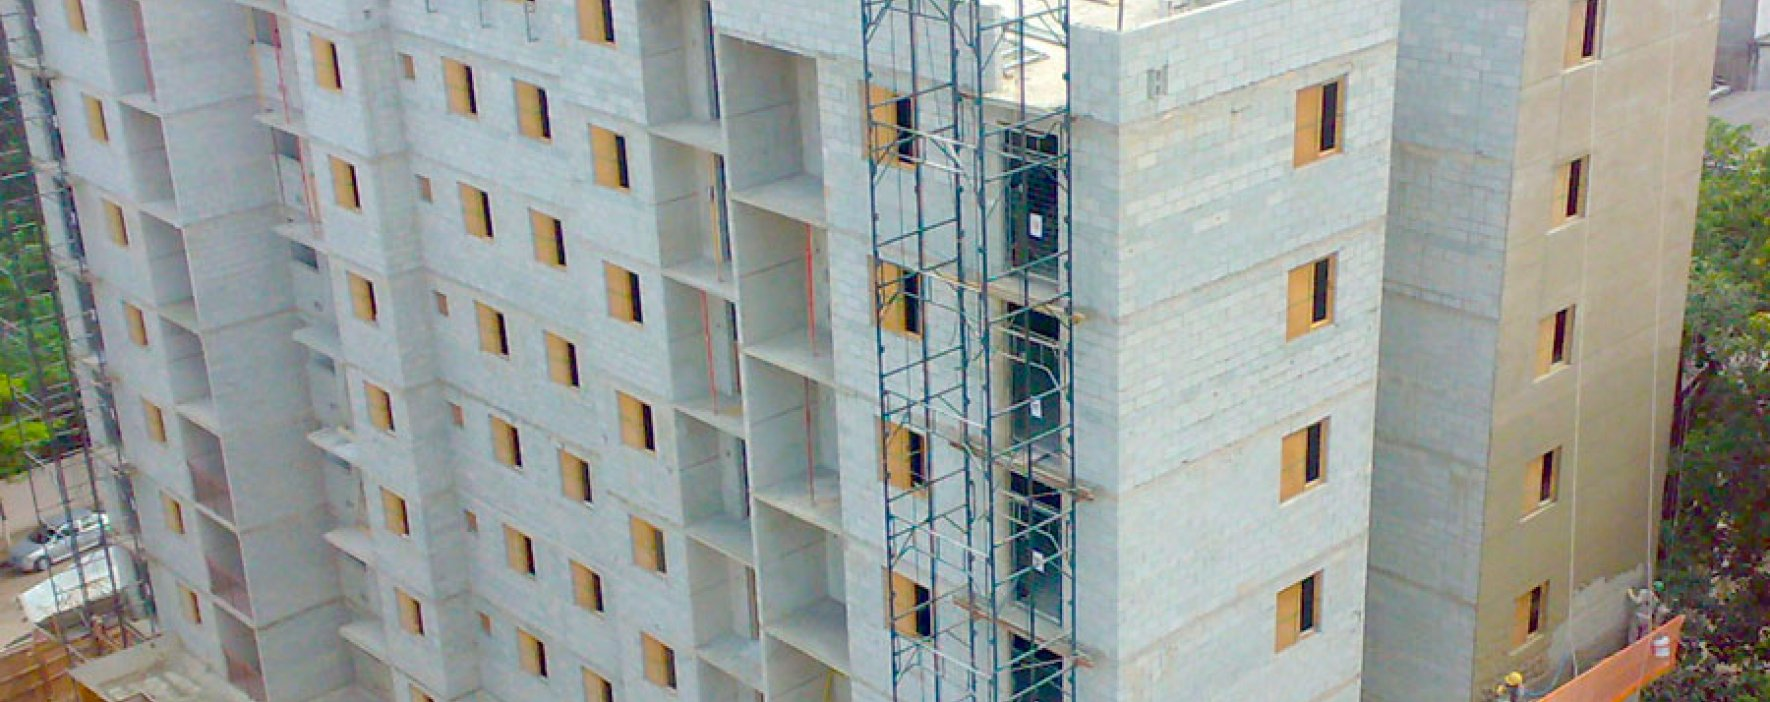 Al piso construcción de altura